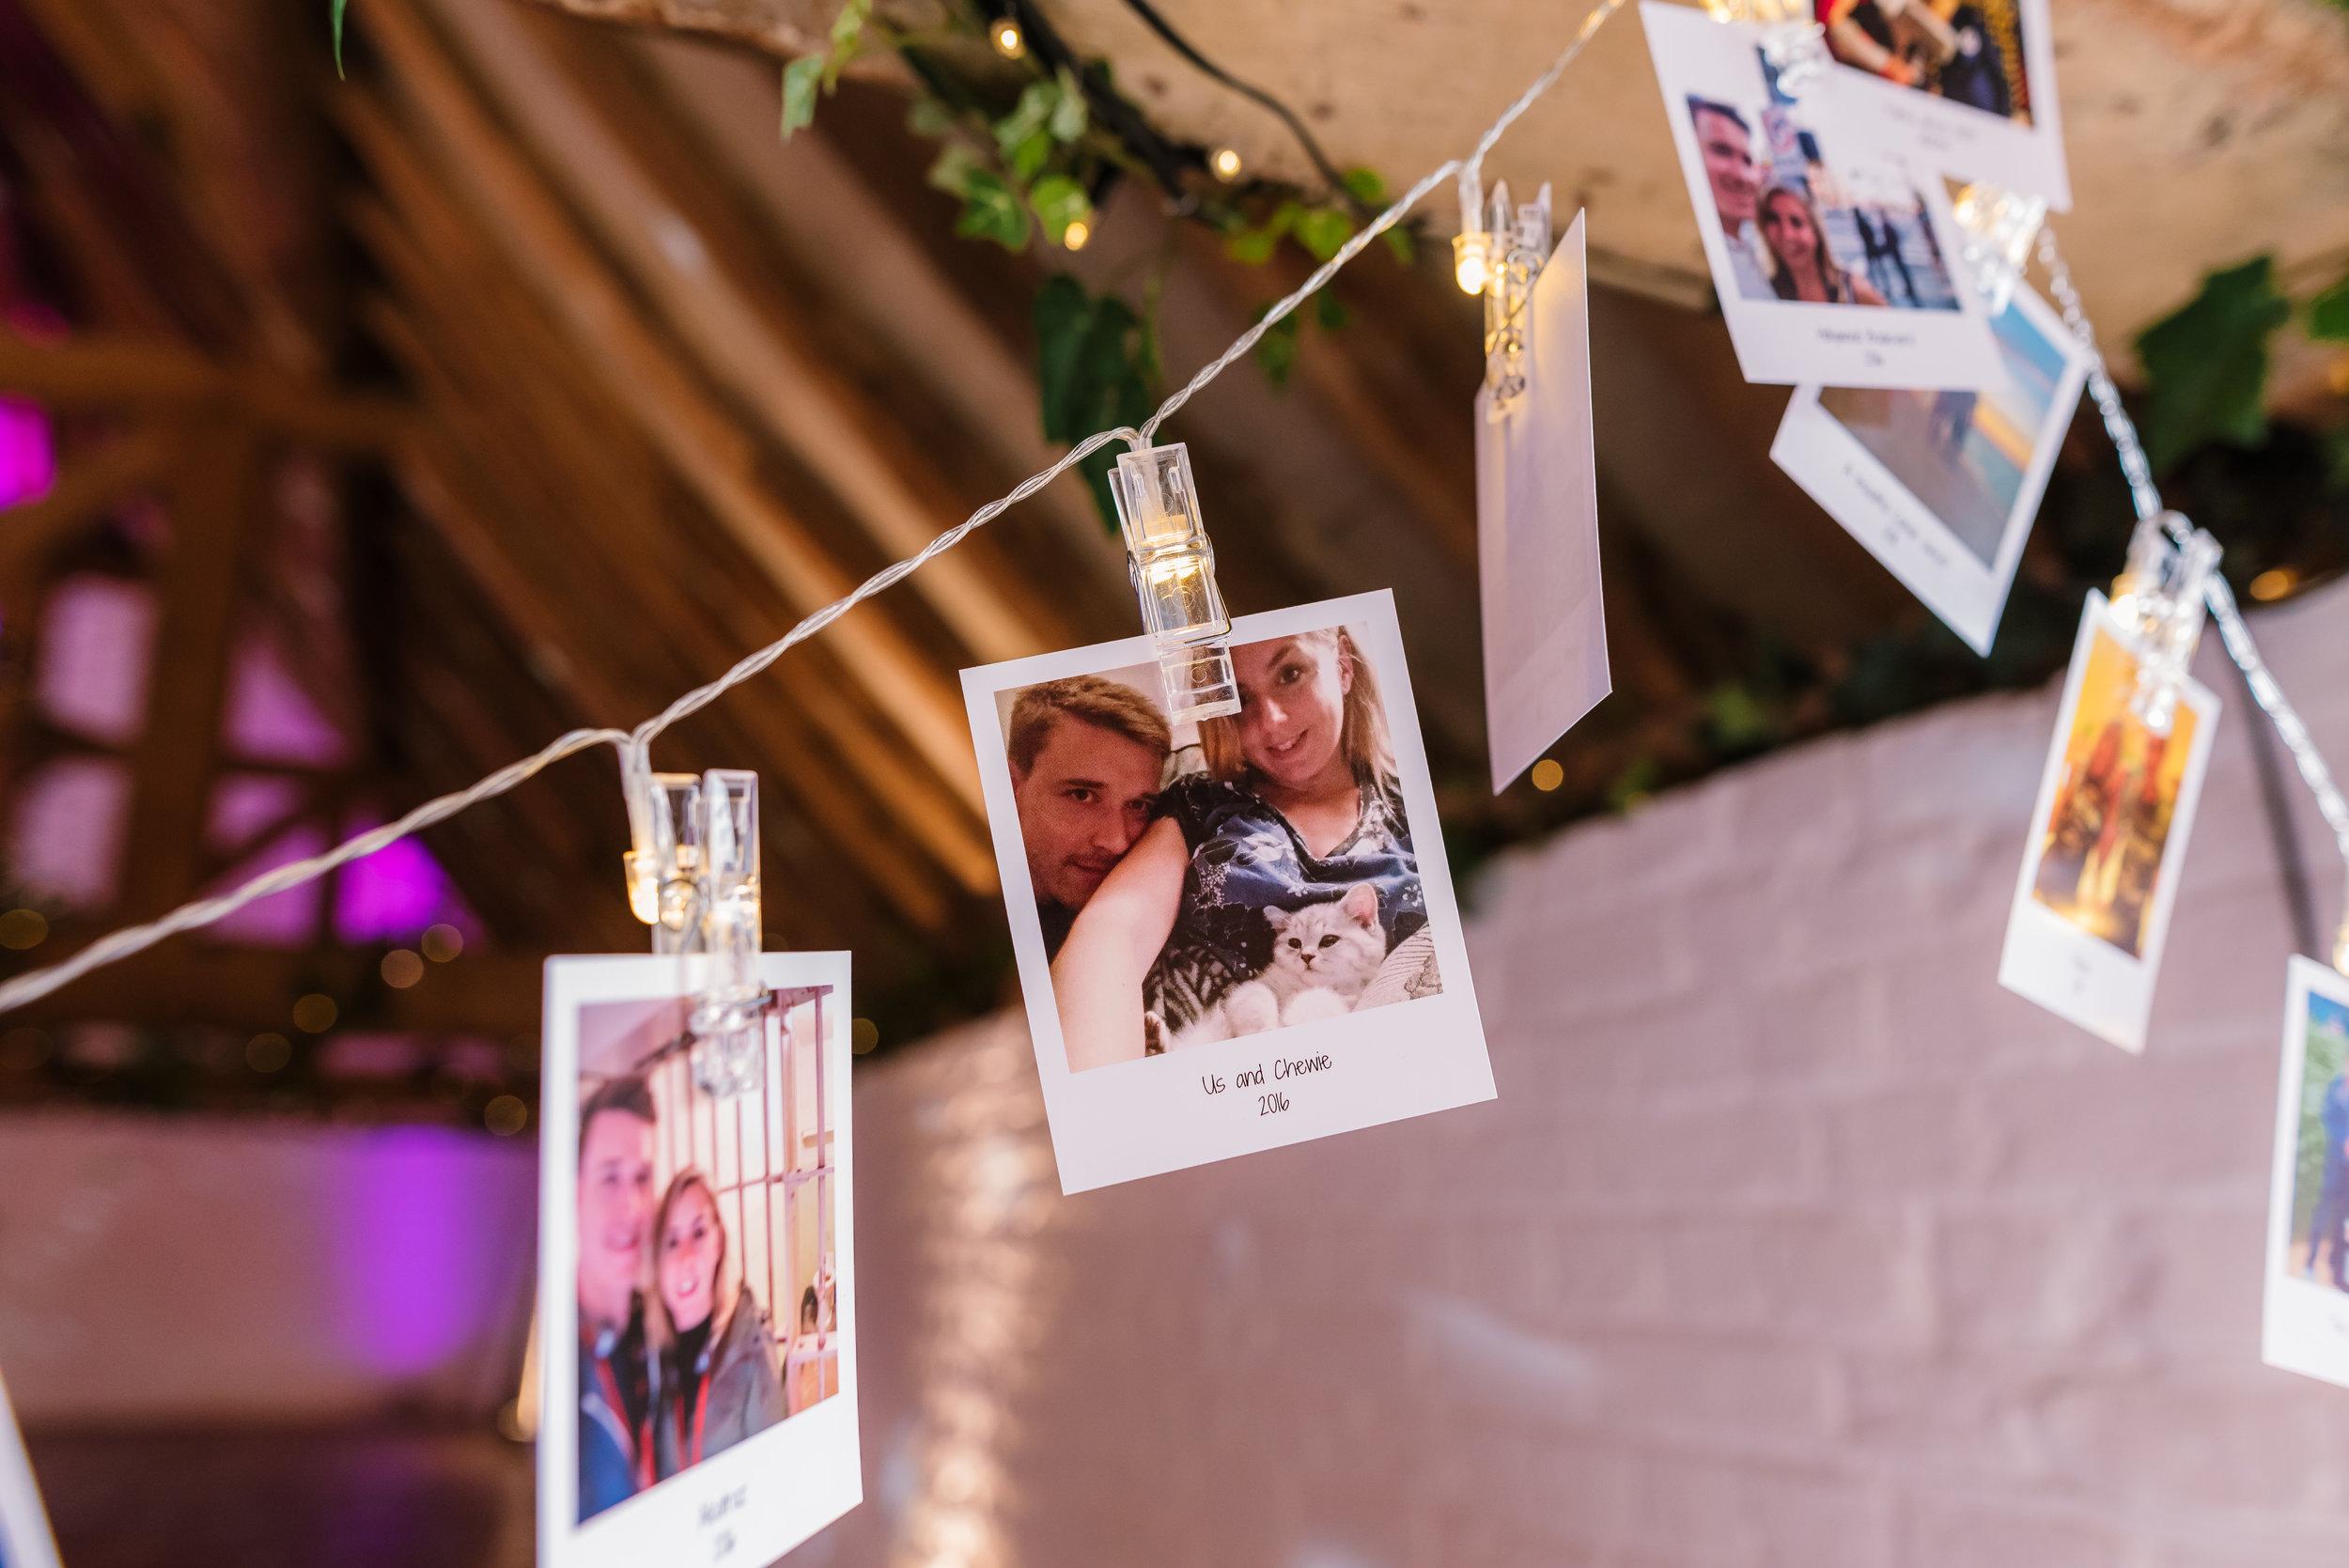 Hampshire Wedding Photographer Hampshire : Ufton-Court-Wedding : Barn-wedding-venue-hampshire : sarah-fishlock-photography : hampshire-barn-wedding-639.jpg